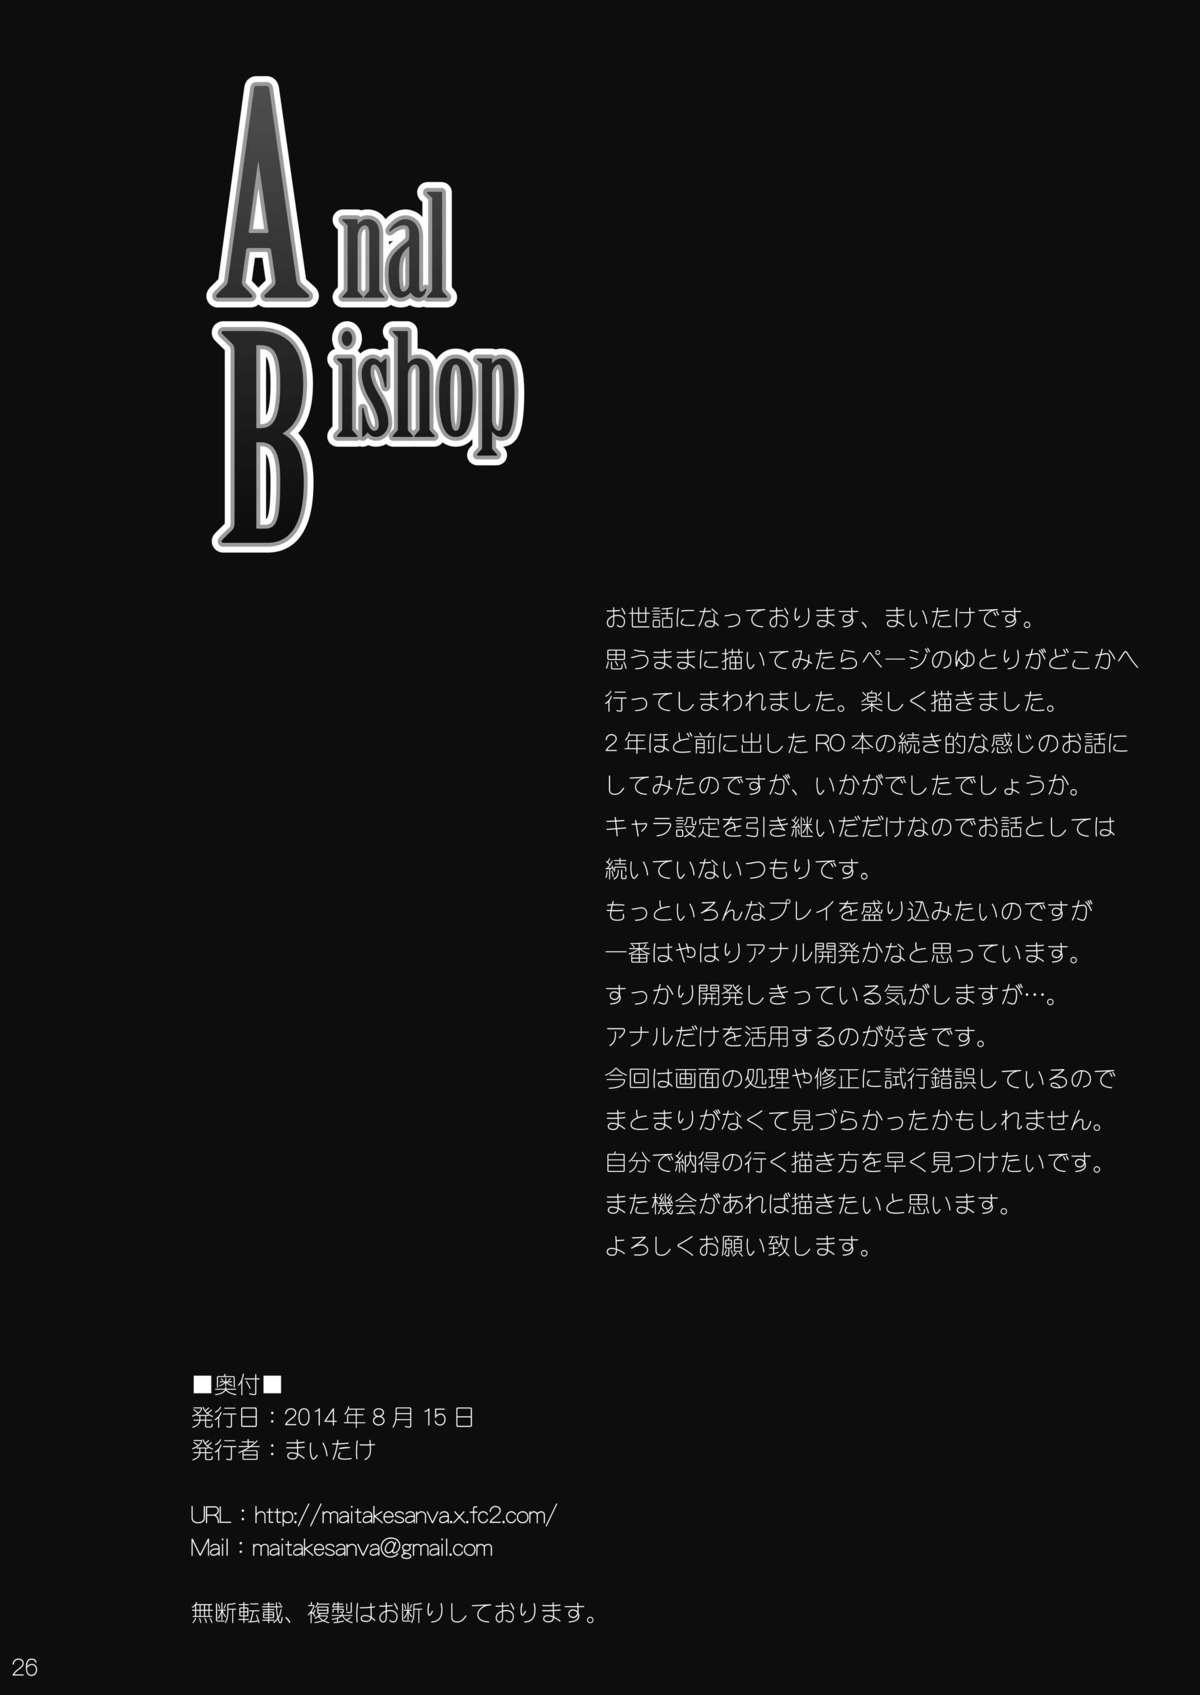 Anal Bishop 24